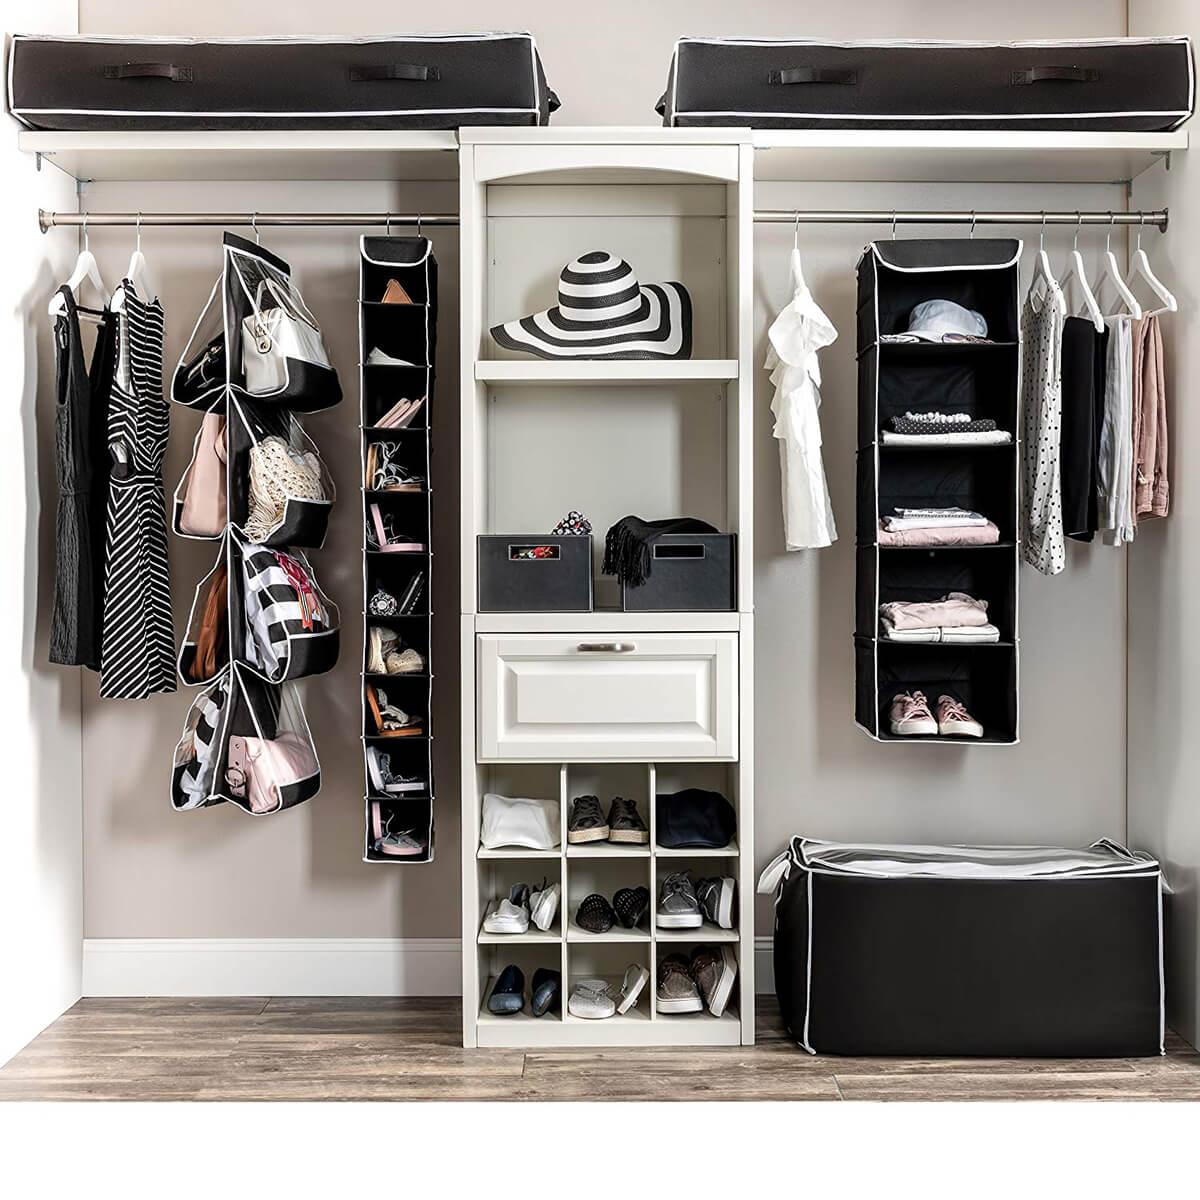 Способы организации пространства в вашем доме фото 6